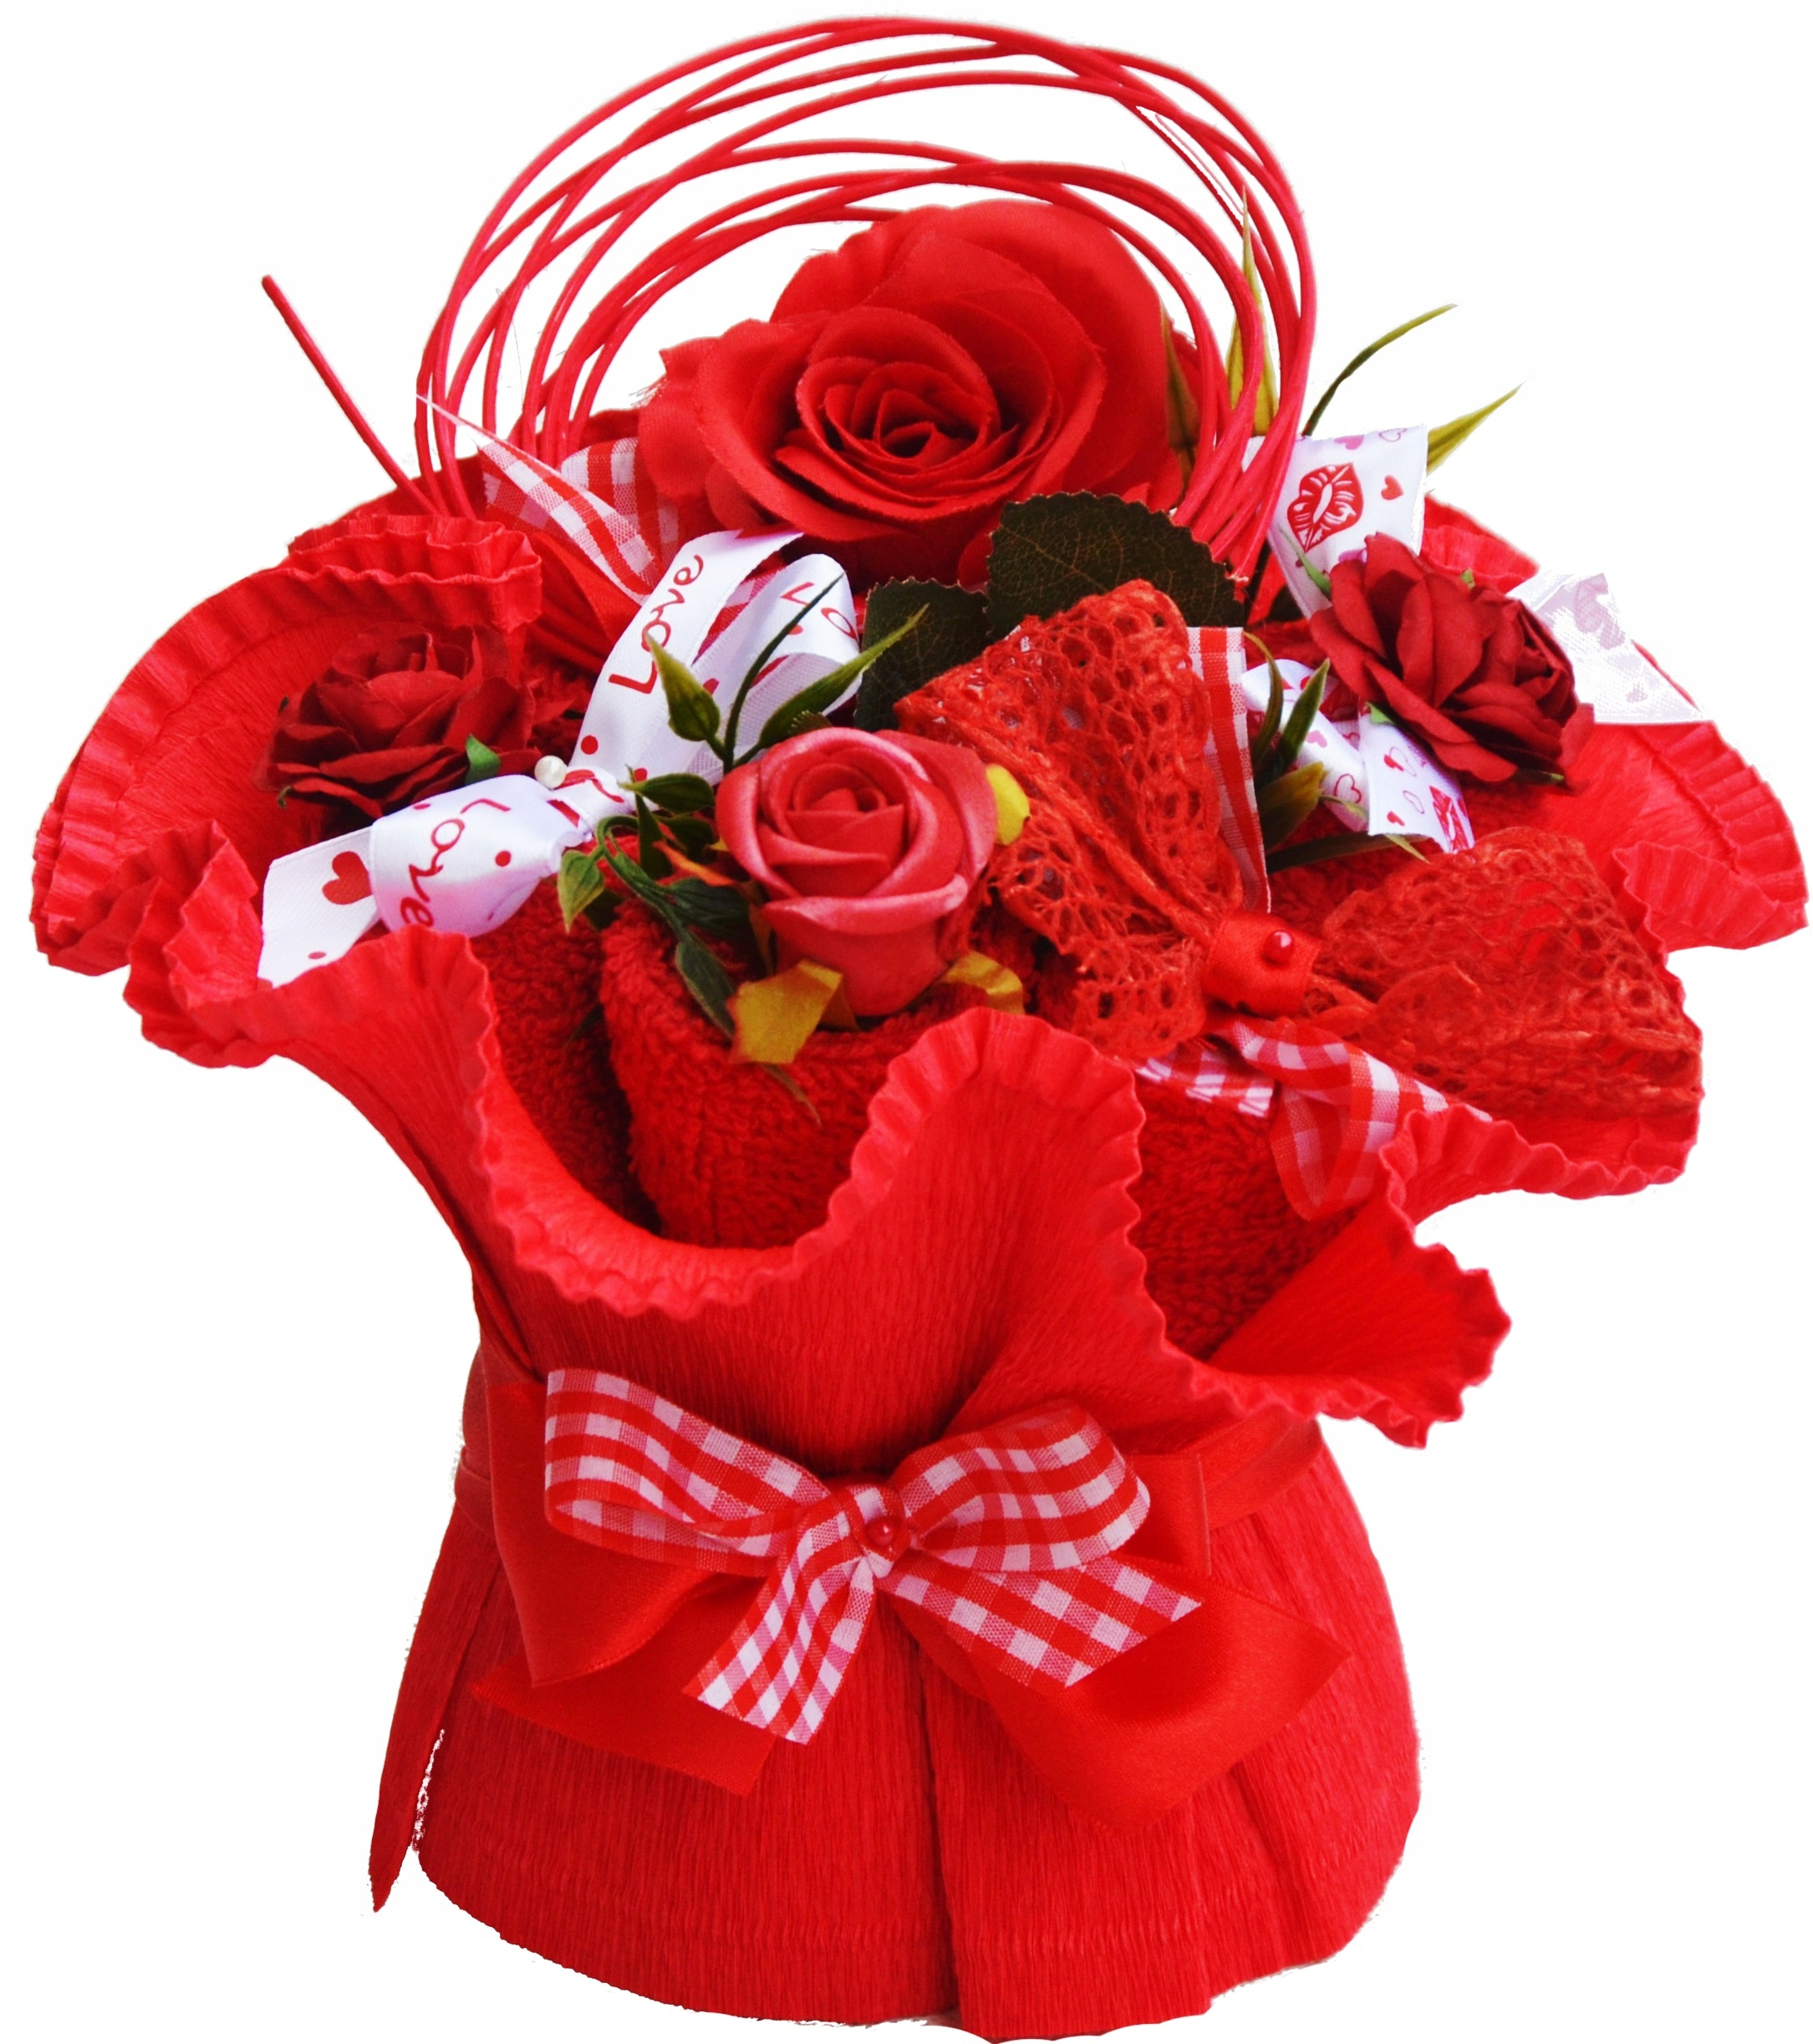 Wyjatkowy Bukiet Prezent Na Walentynki Dla Zony 8901096304 Allegro Pl